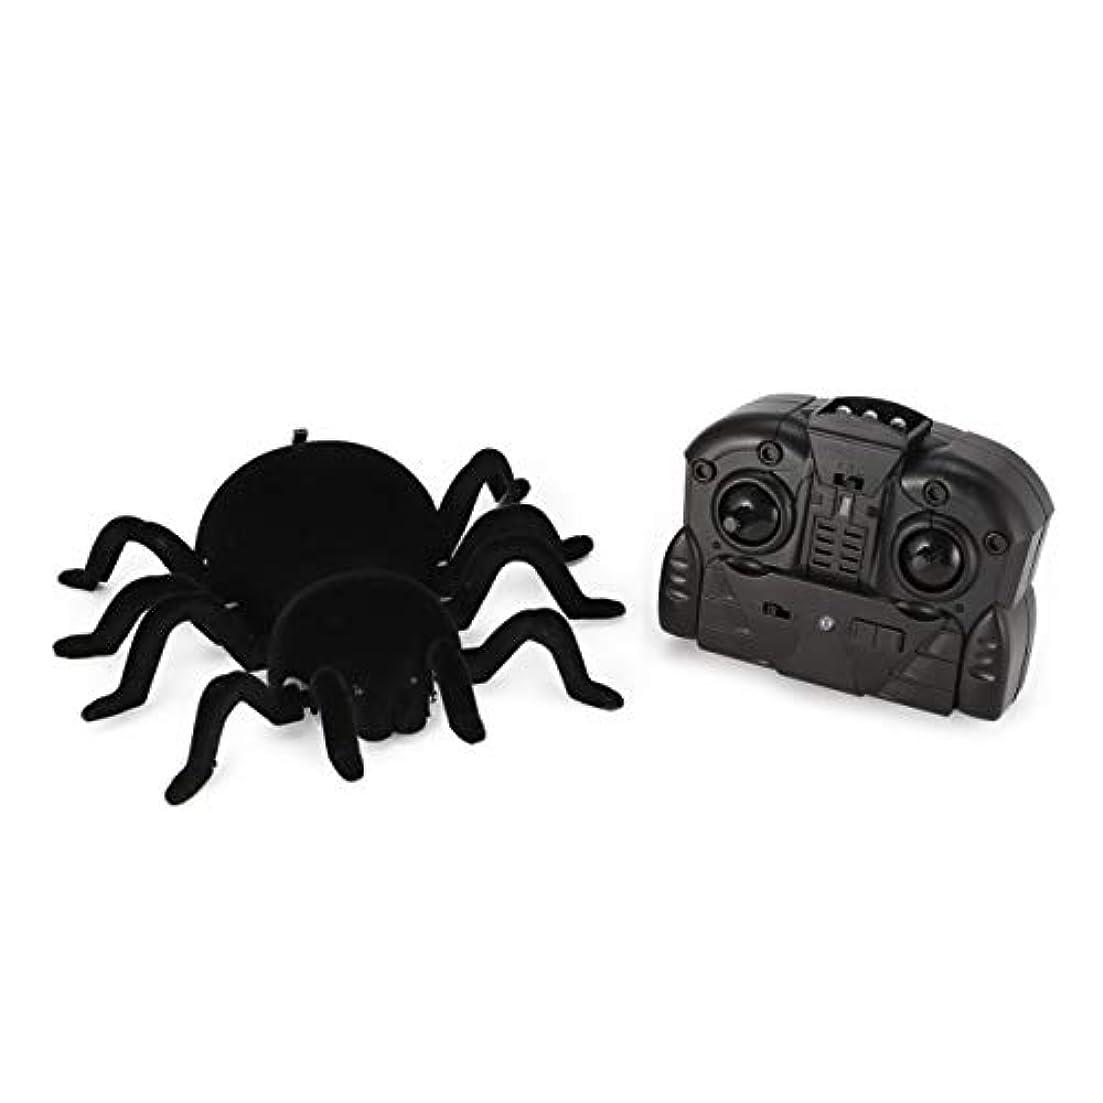 バルーン前提条件精度DeeploveUU FY878赤外線リモコンウォールクライミングリアルなクモRCいたずら昆虫冗談怖いトリック玩具子供ギフトハロウィンパーティー